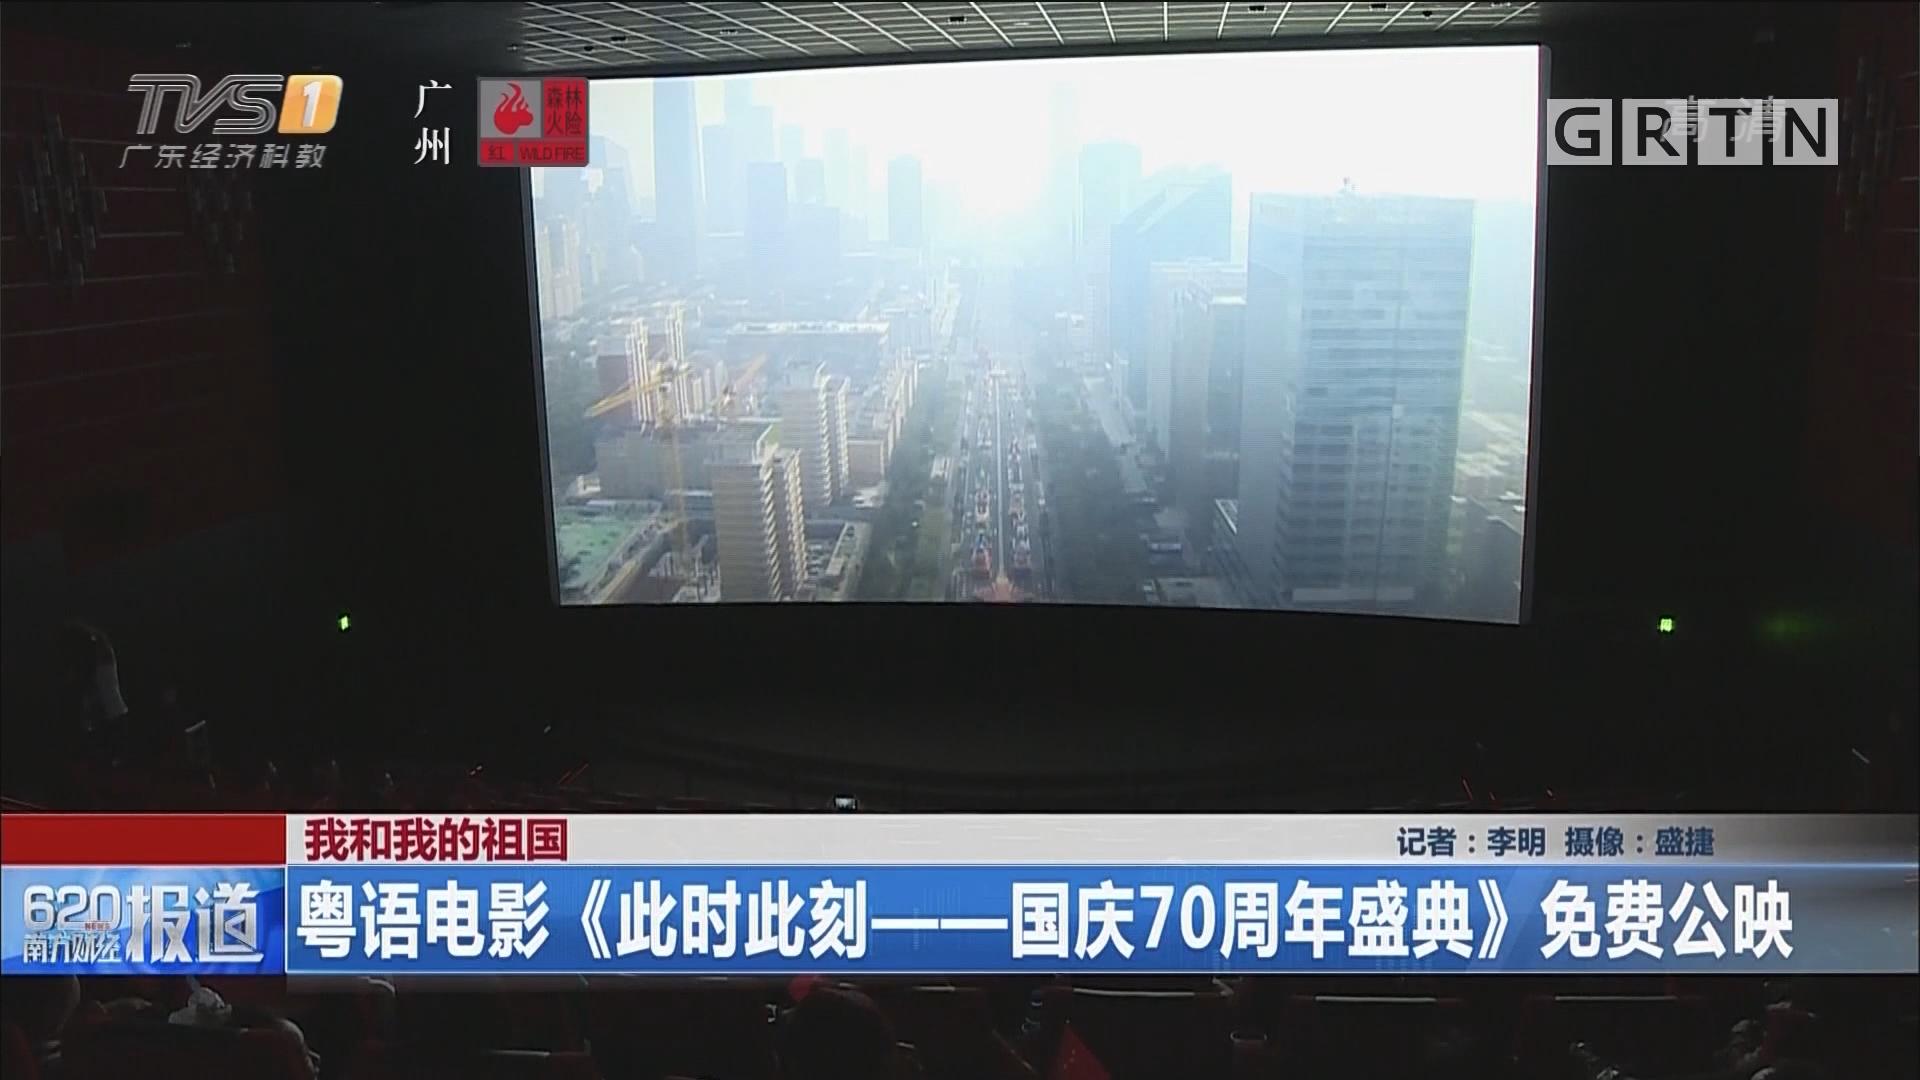 我和我的祖国:粤语电影《此时此刻——国庆70周年盛典》免费公映